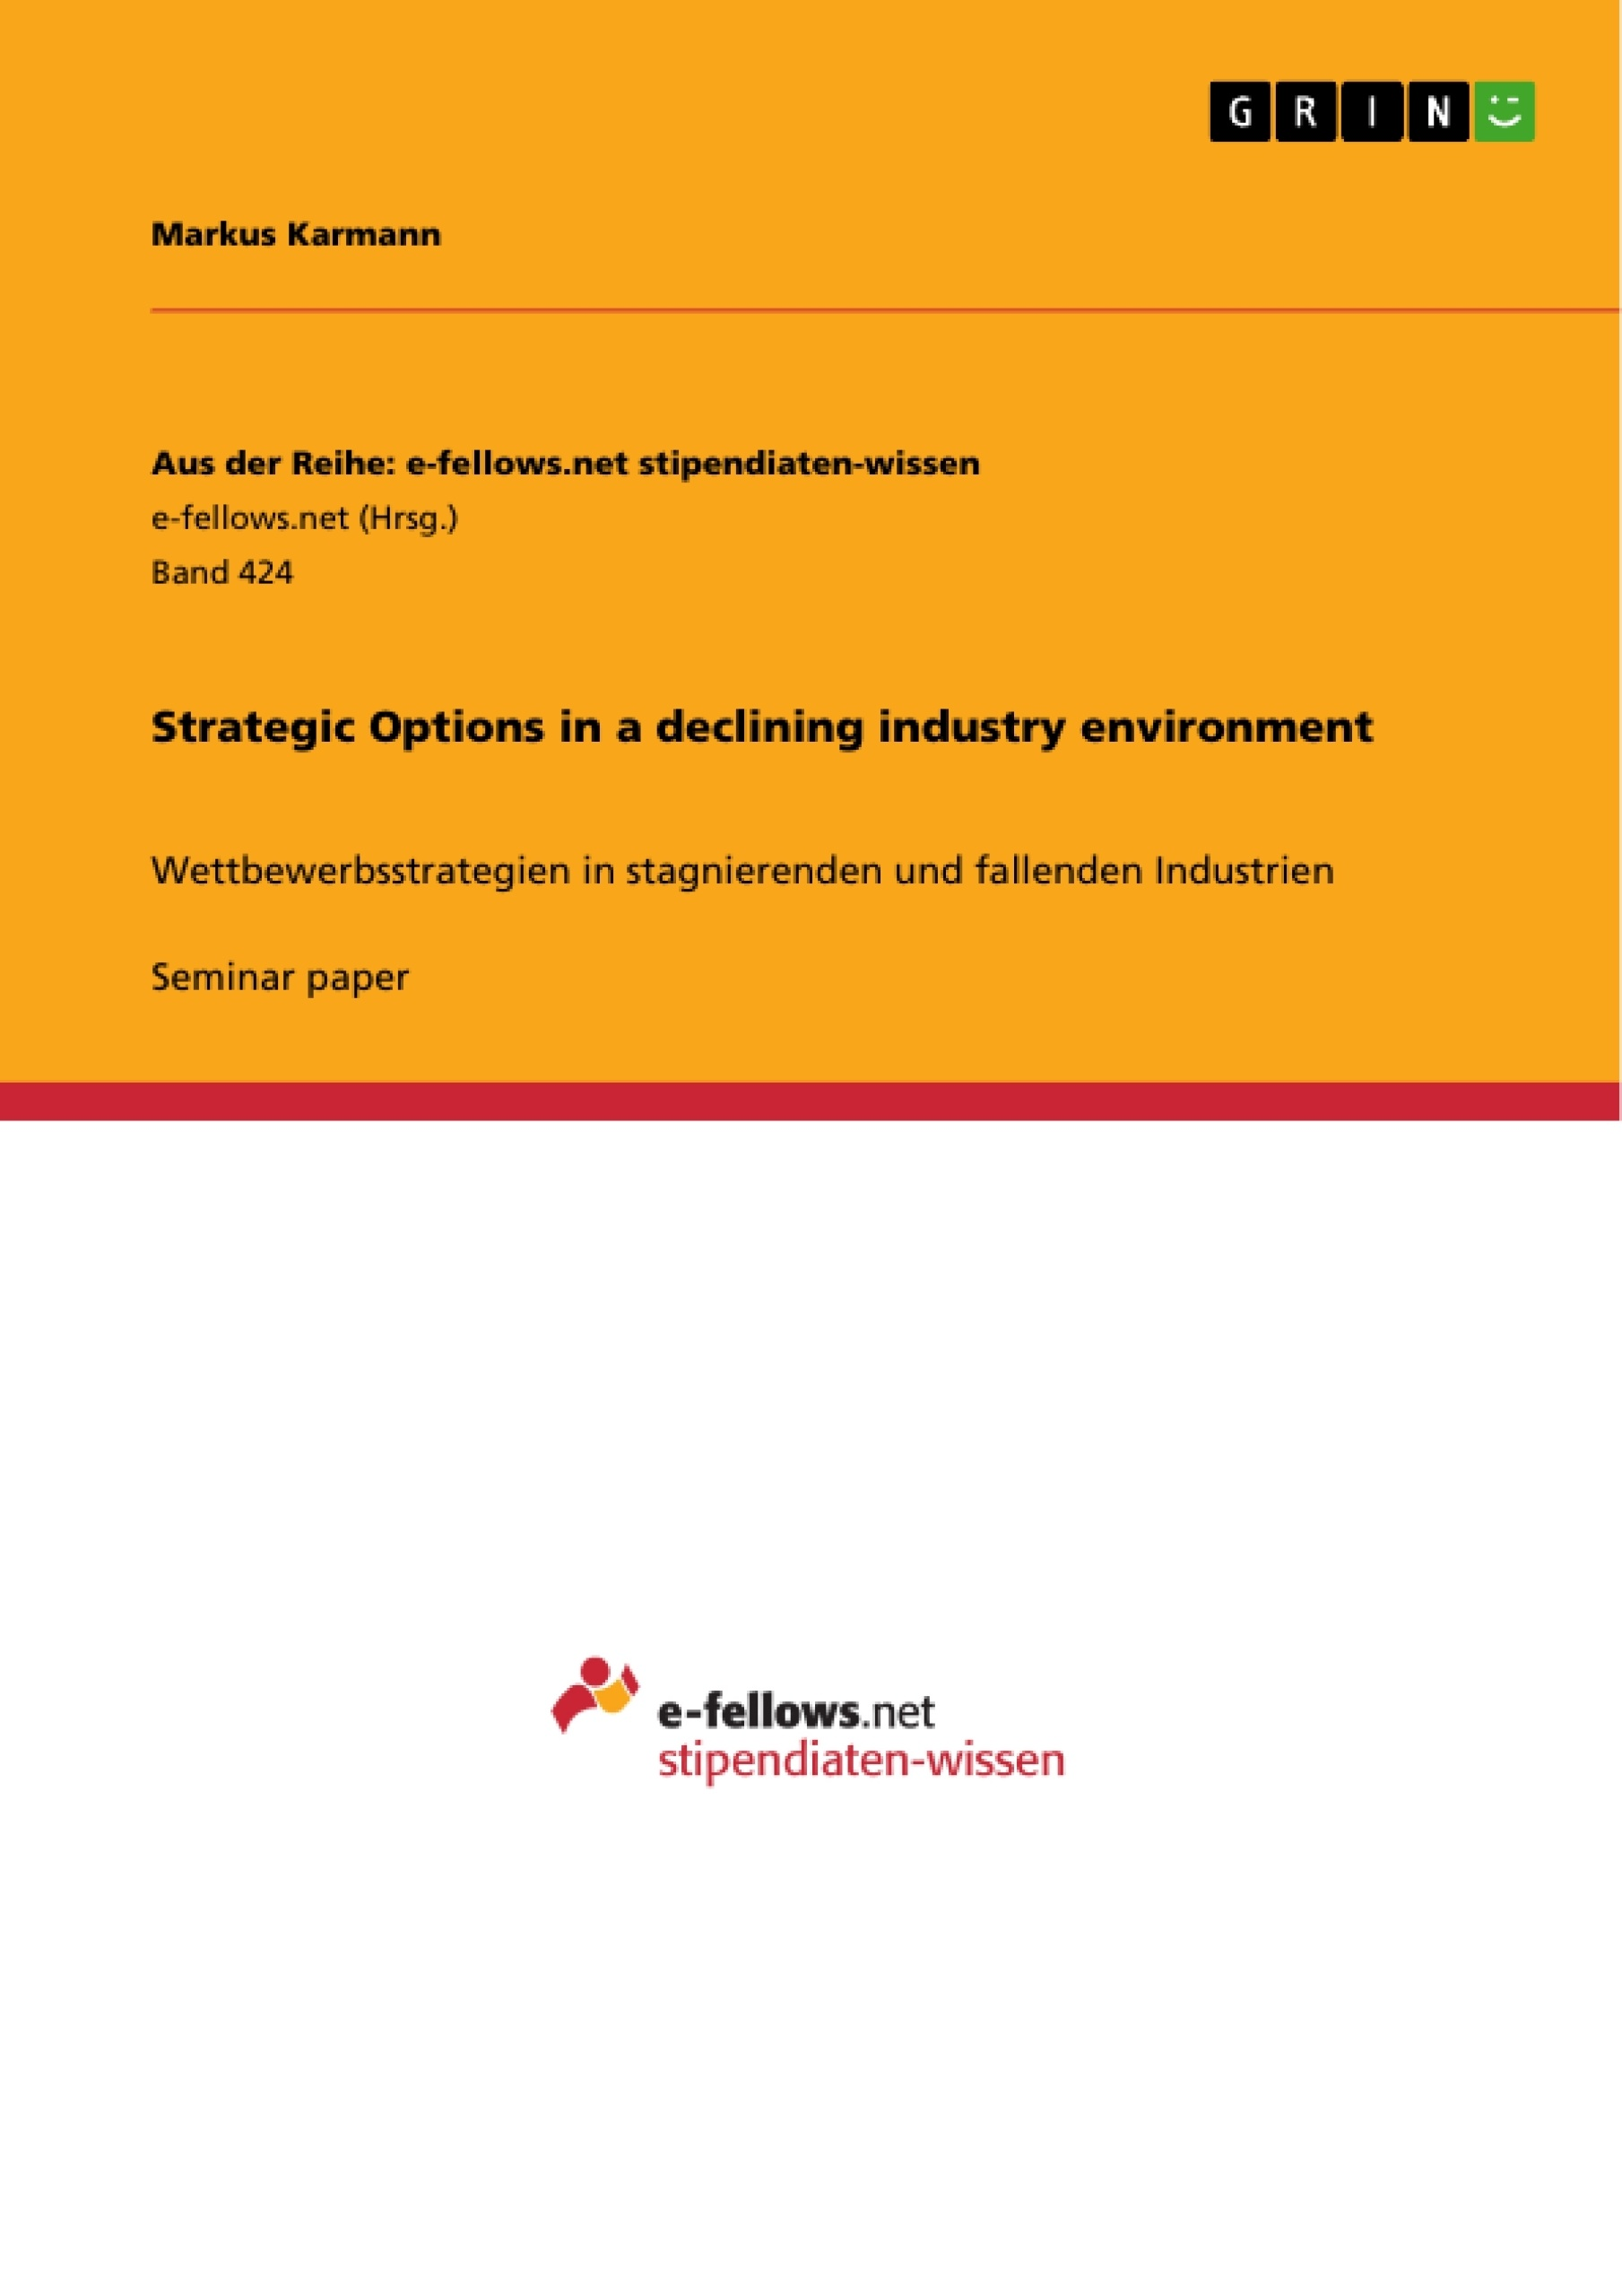 Wettbewerbsstrategien nach Porter (German Edition)